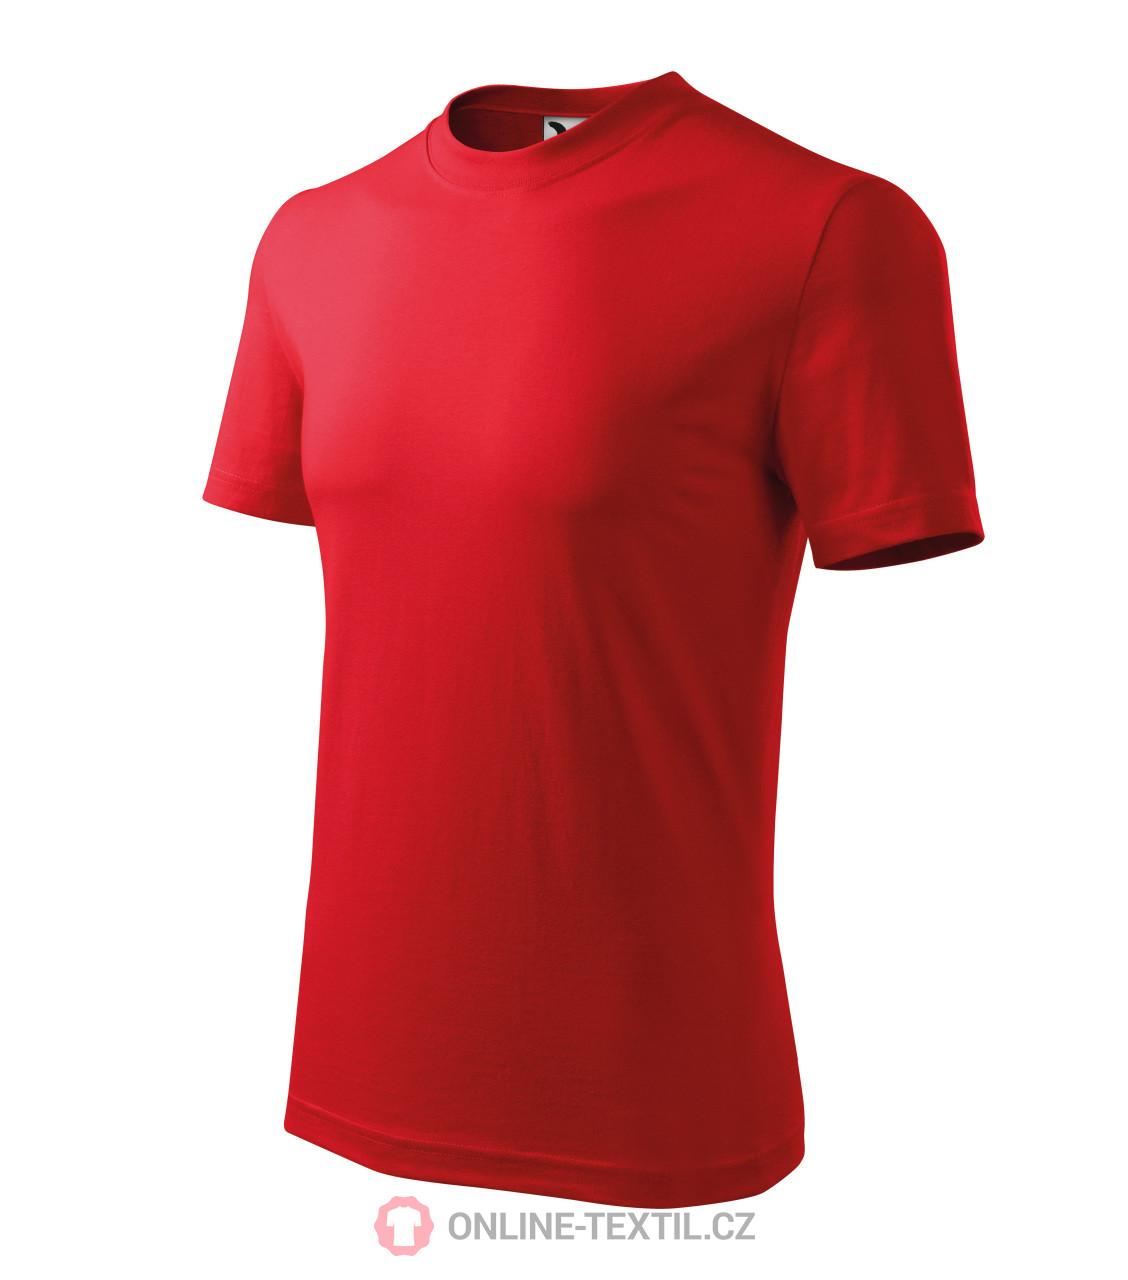 25116f3a2 ADLER CZECH Heavy tričko unisex 11A - červená z kolekcie MALFINI ...